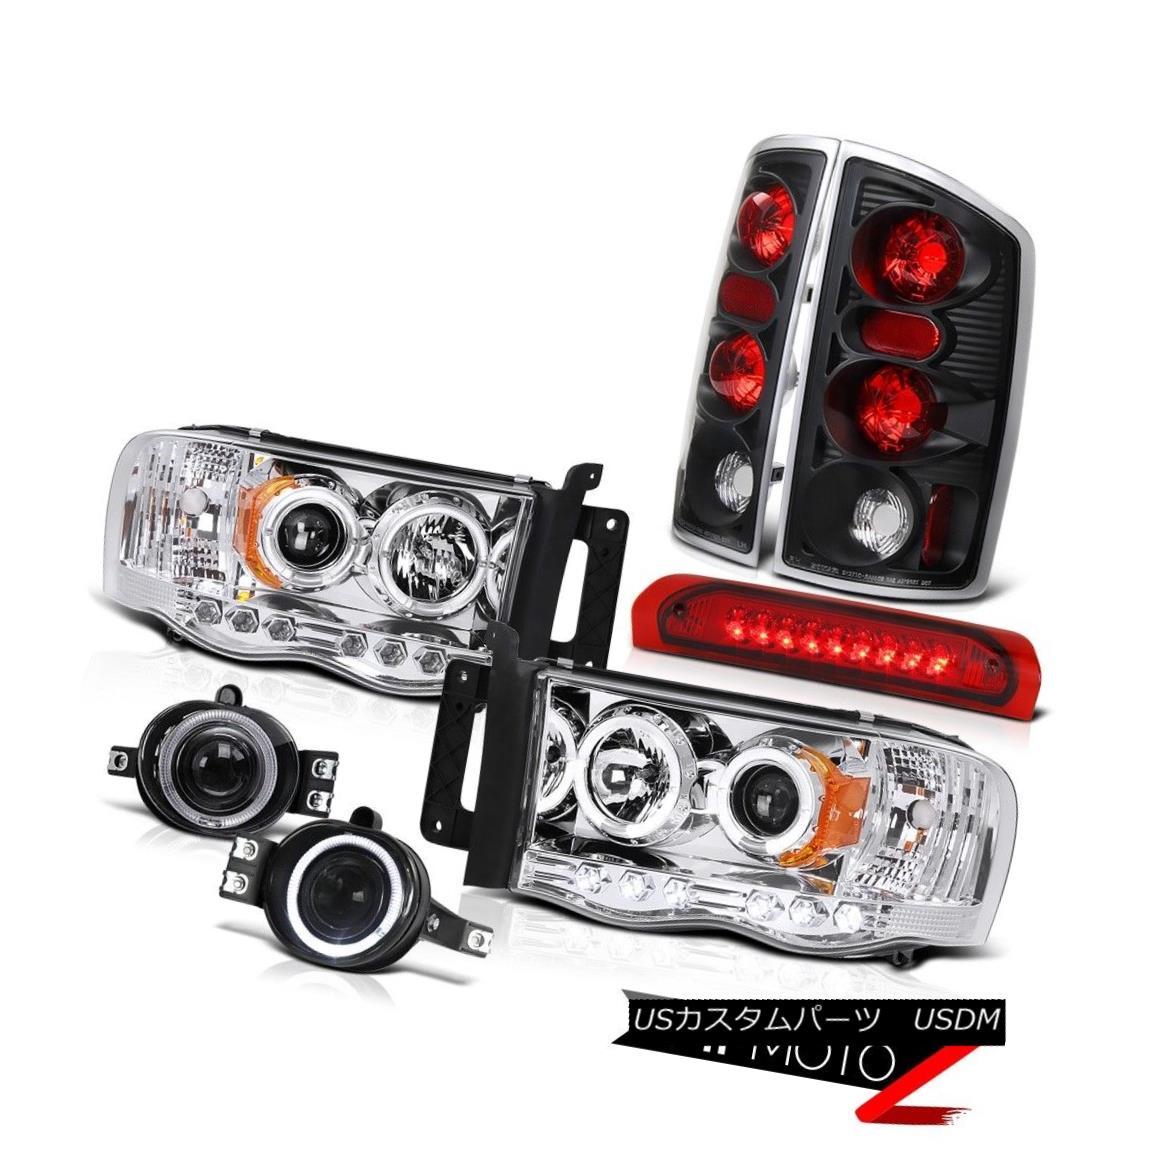 テールライト Dodge RAM 02-05 Halo Projector Headlight+LED 3rd Brake/Tail Lamp+Fog Lamp COMBO ドッジRAM 02-05ハロープロジェクターヘッドライト+ LED第3ブレーキ/テールランプ+フォグランプCOMBO